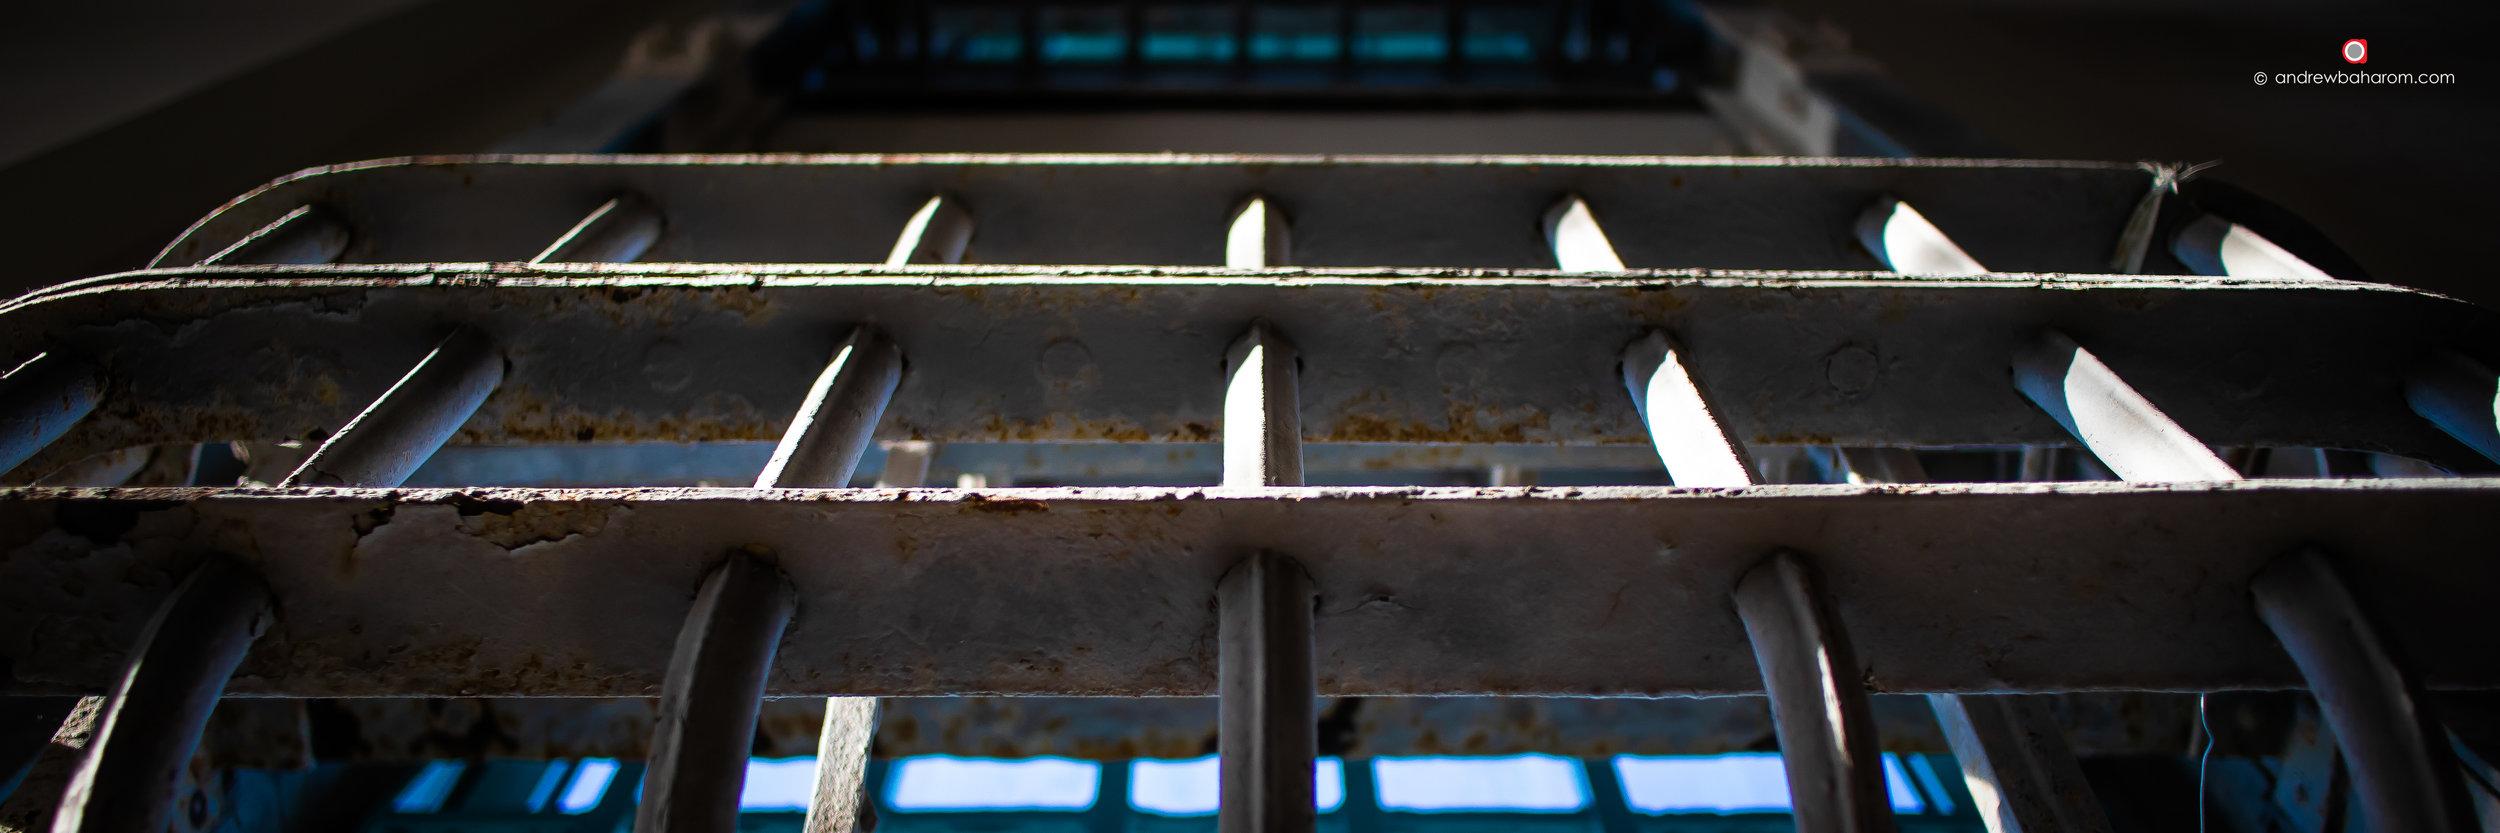 Alcatraz Window.jpg